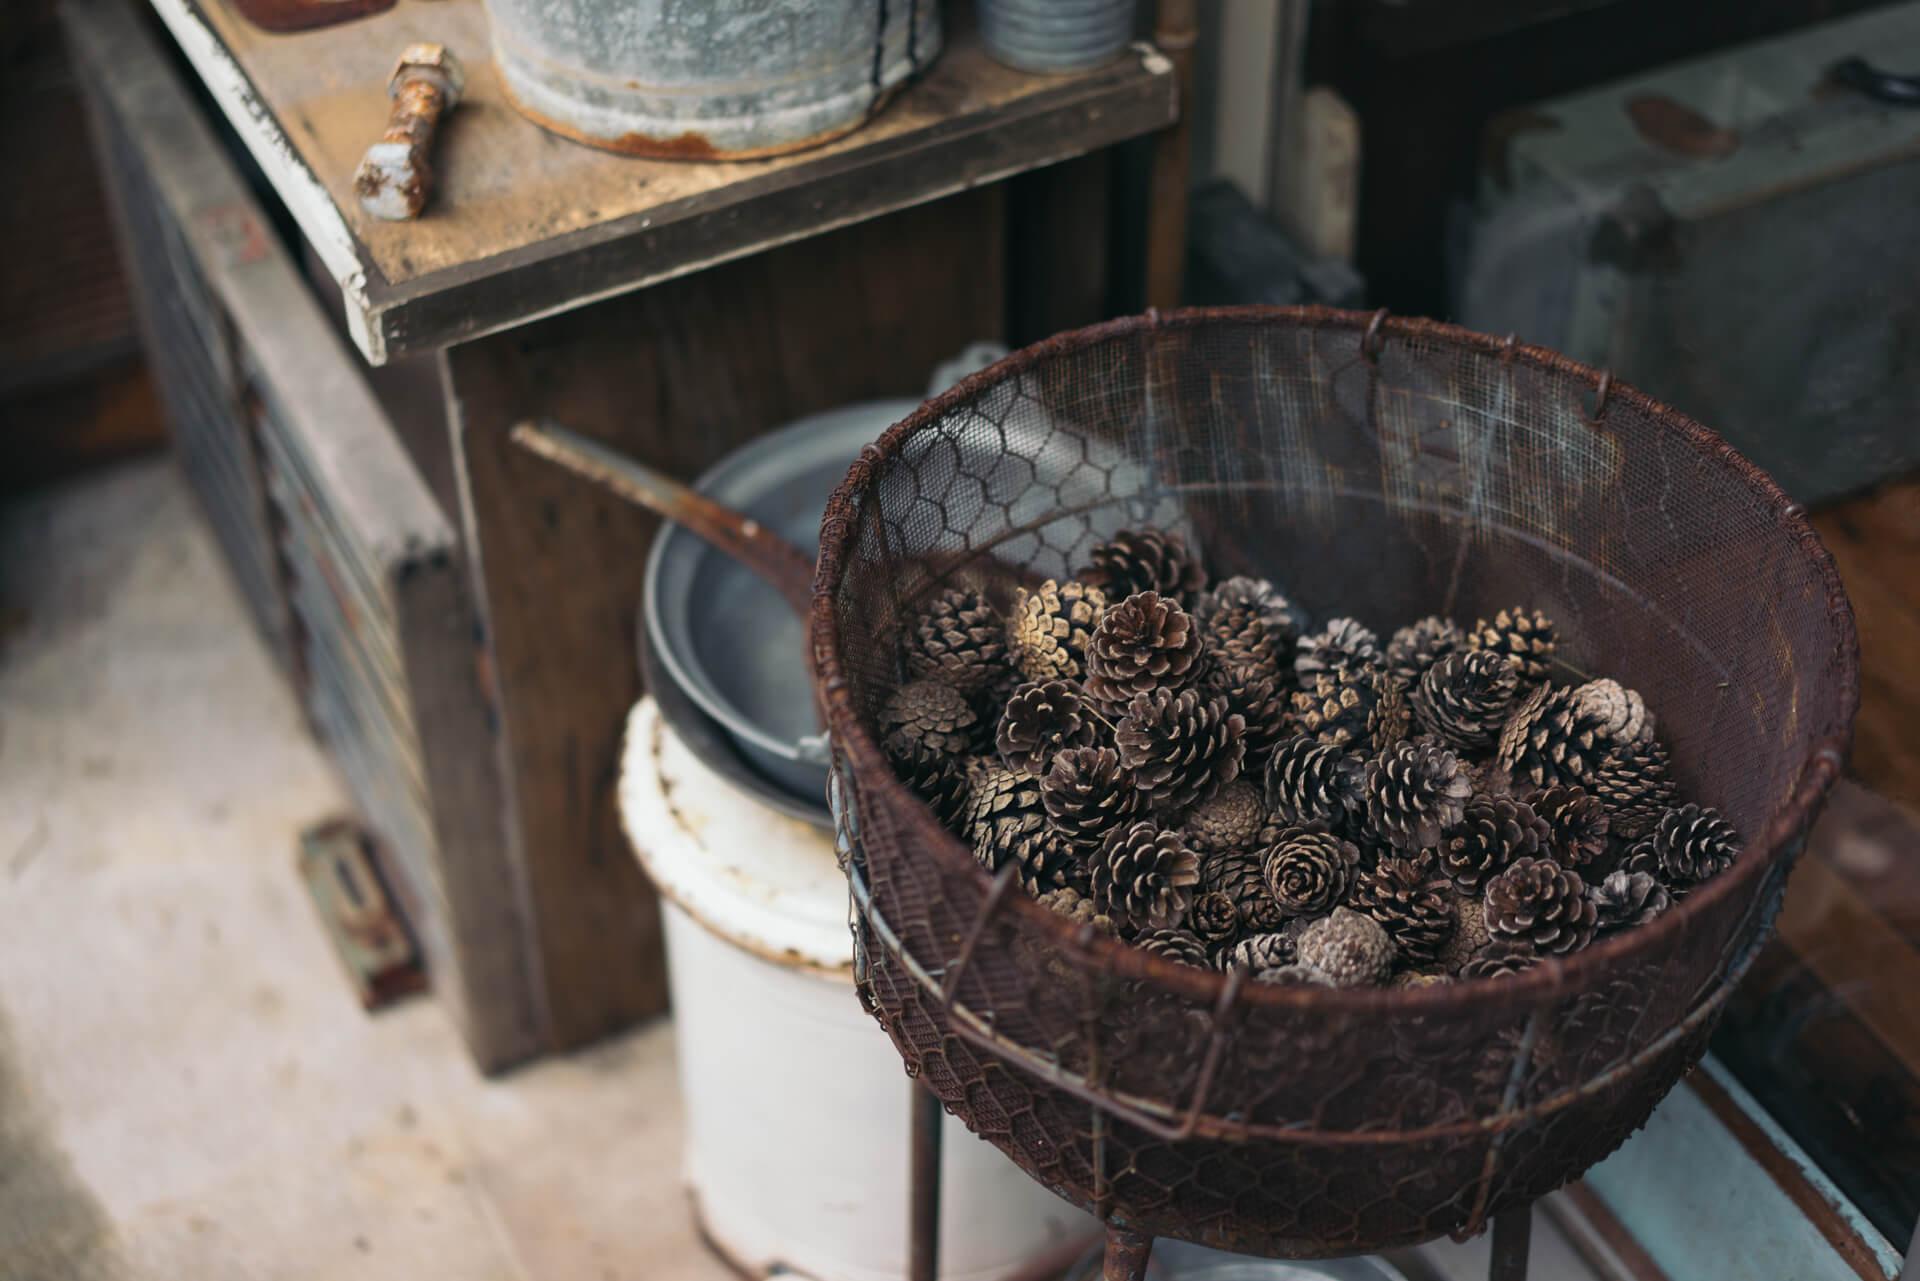 平井にある古道具屋さん towi さん(http://towi.jp/)で購入されたというカゴは、なんと中の松ぼっくりもセットでした。